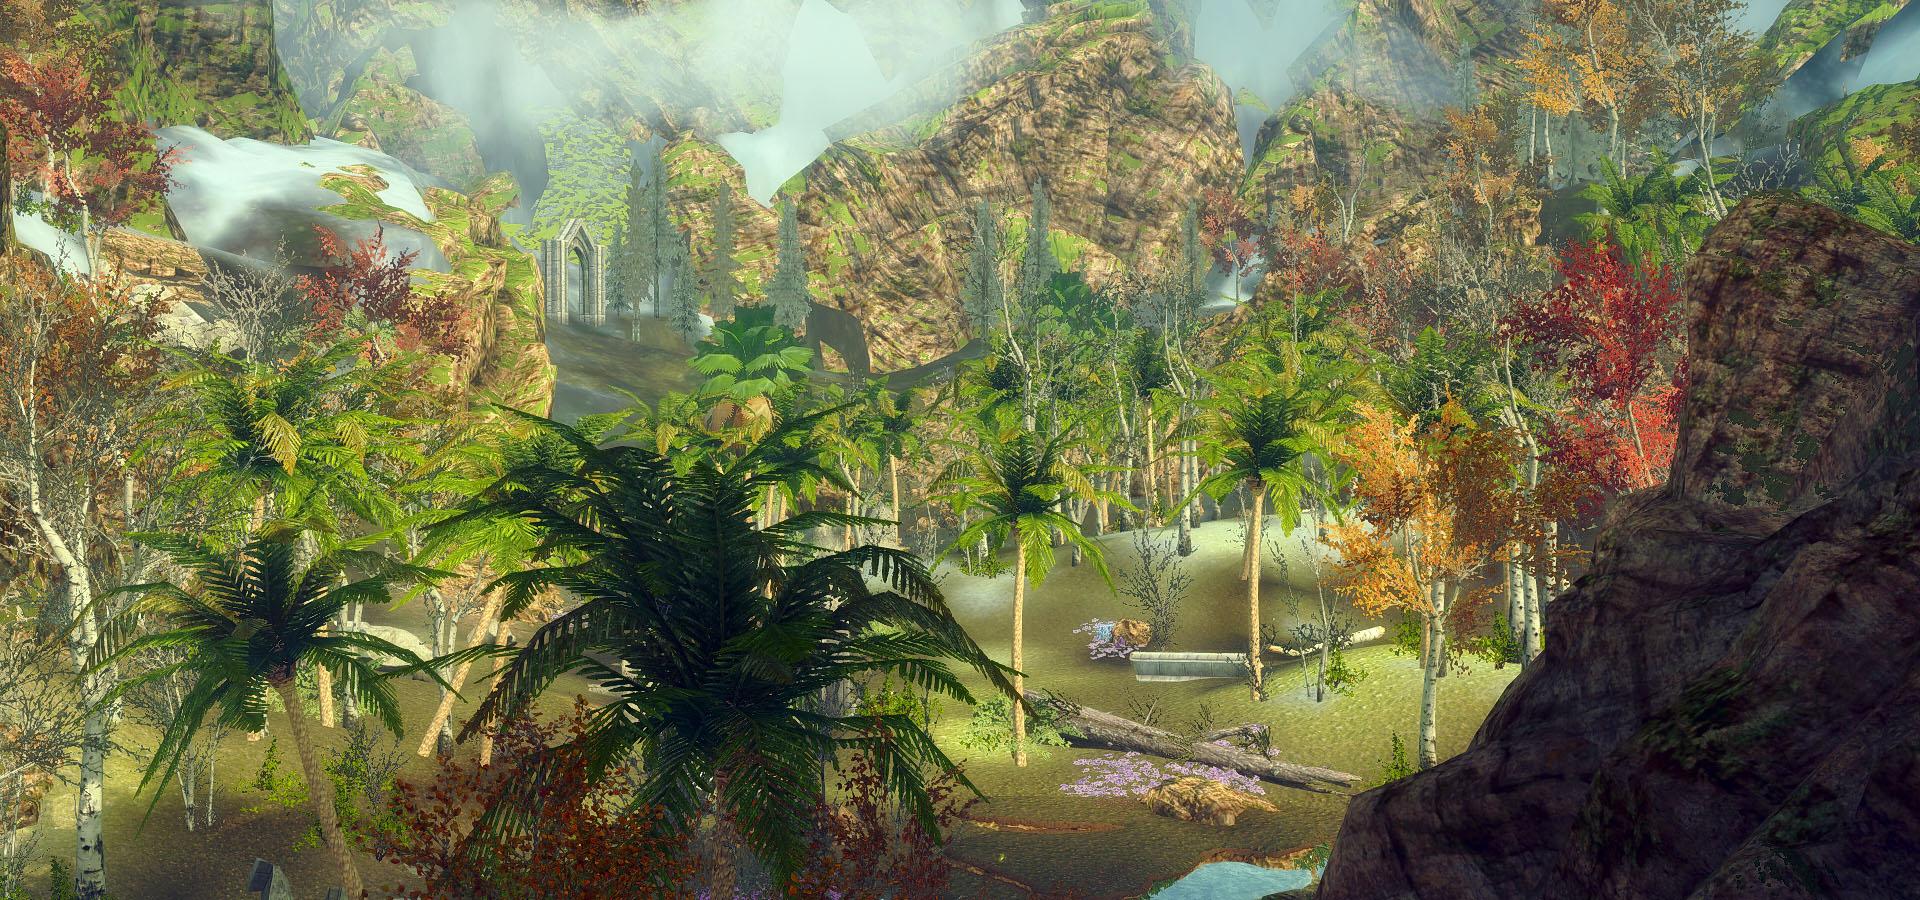 568. Забытая долина.jpg - Elder Scrolls 5: Skyrim, the CBBE, Сборка-21